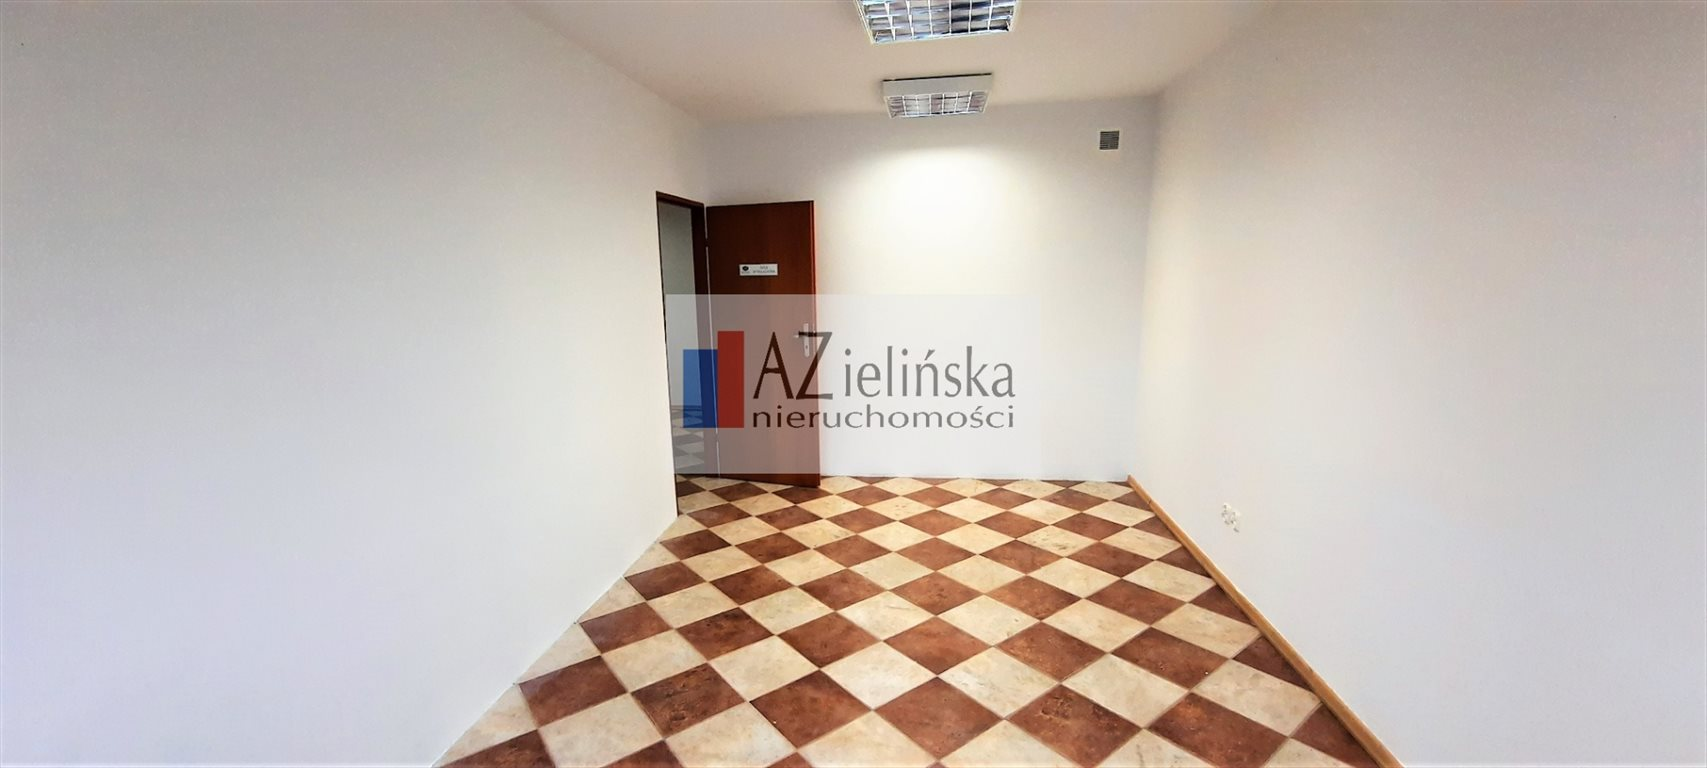 Mieszkanie dwupokojowe na wynajem Suchy Las, Obornicka  58m2 Foto 2